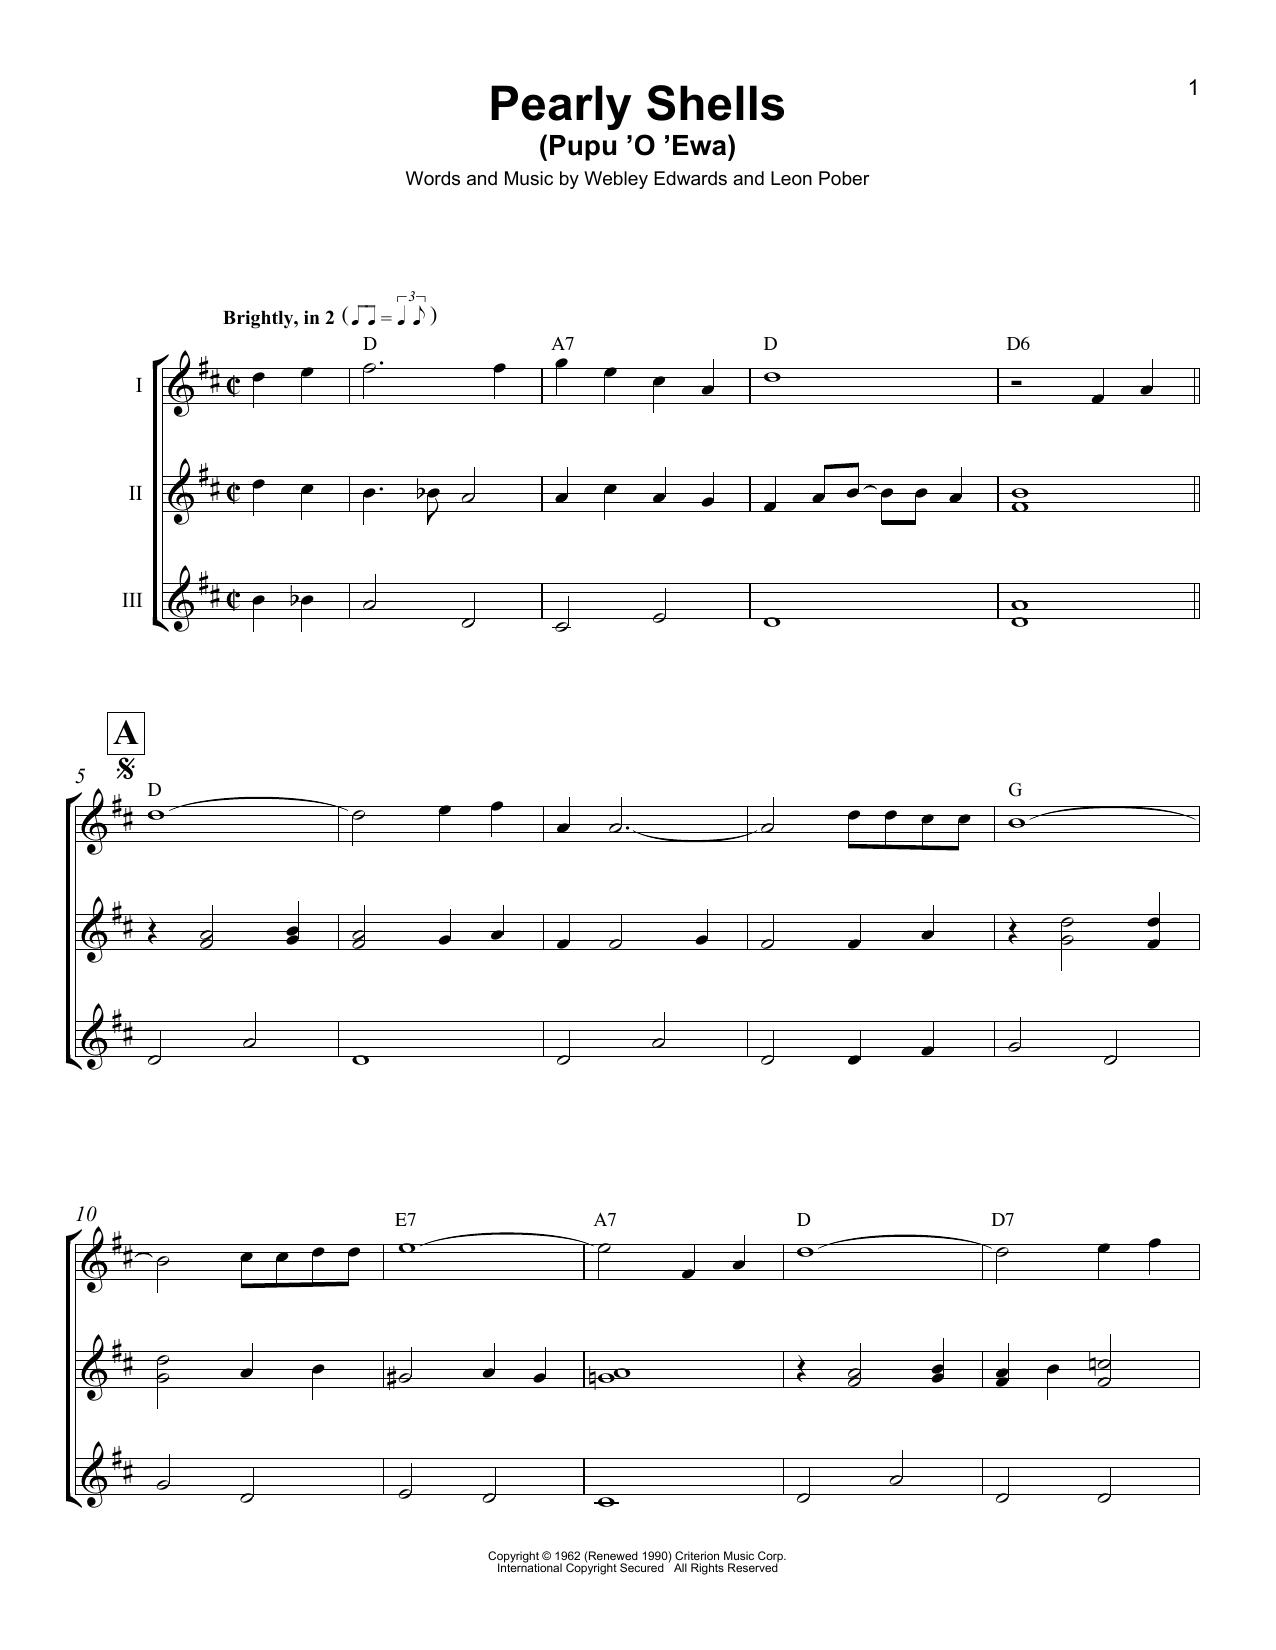 Pearly Shells (Pupu O Ewa) Sheet Music